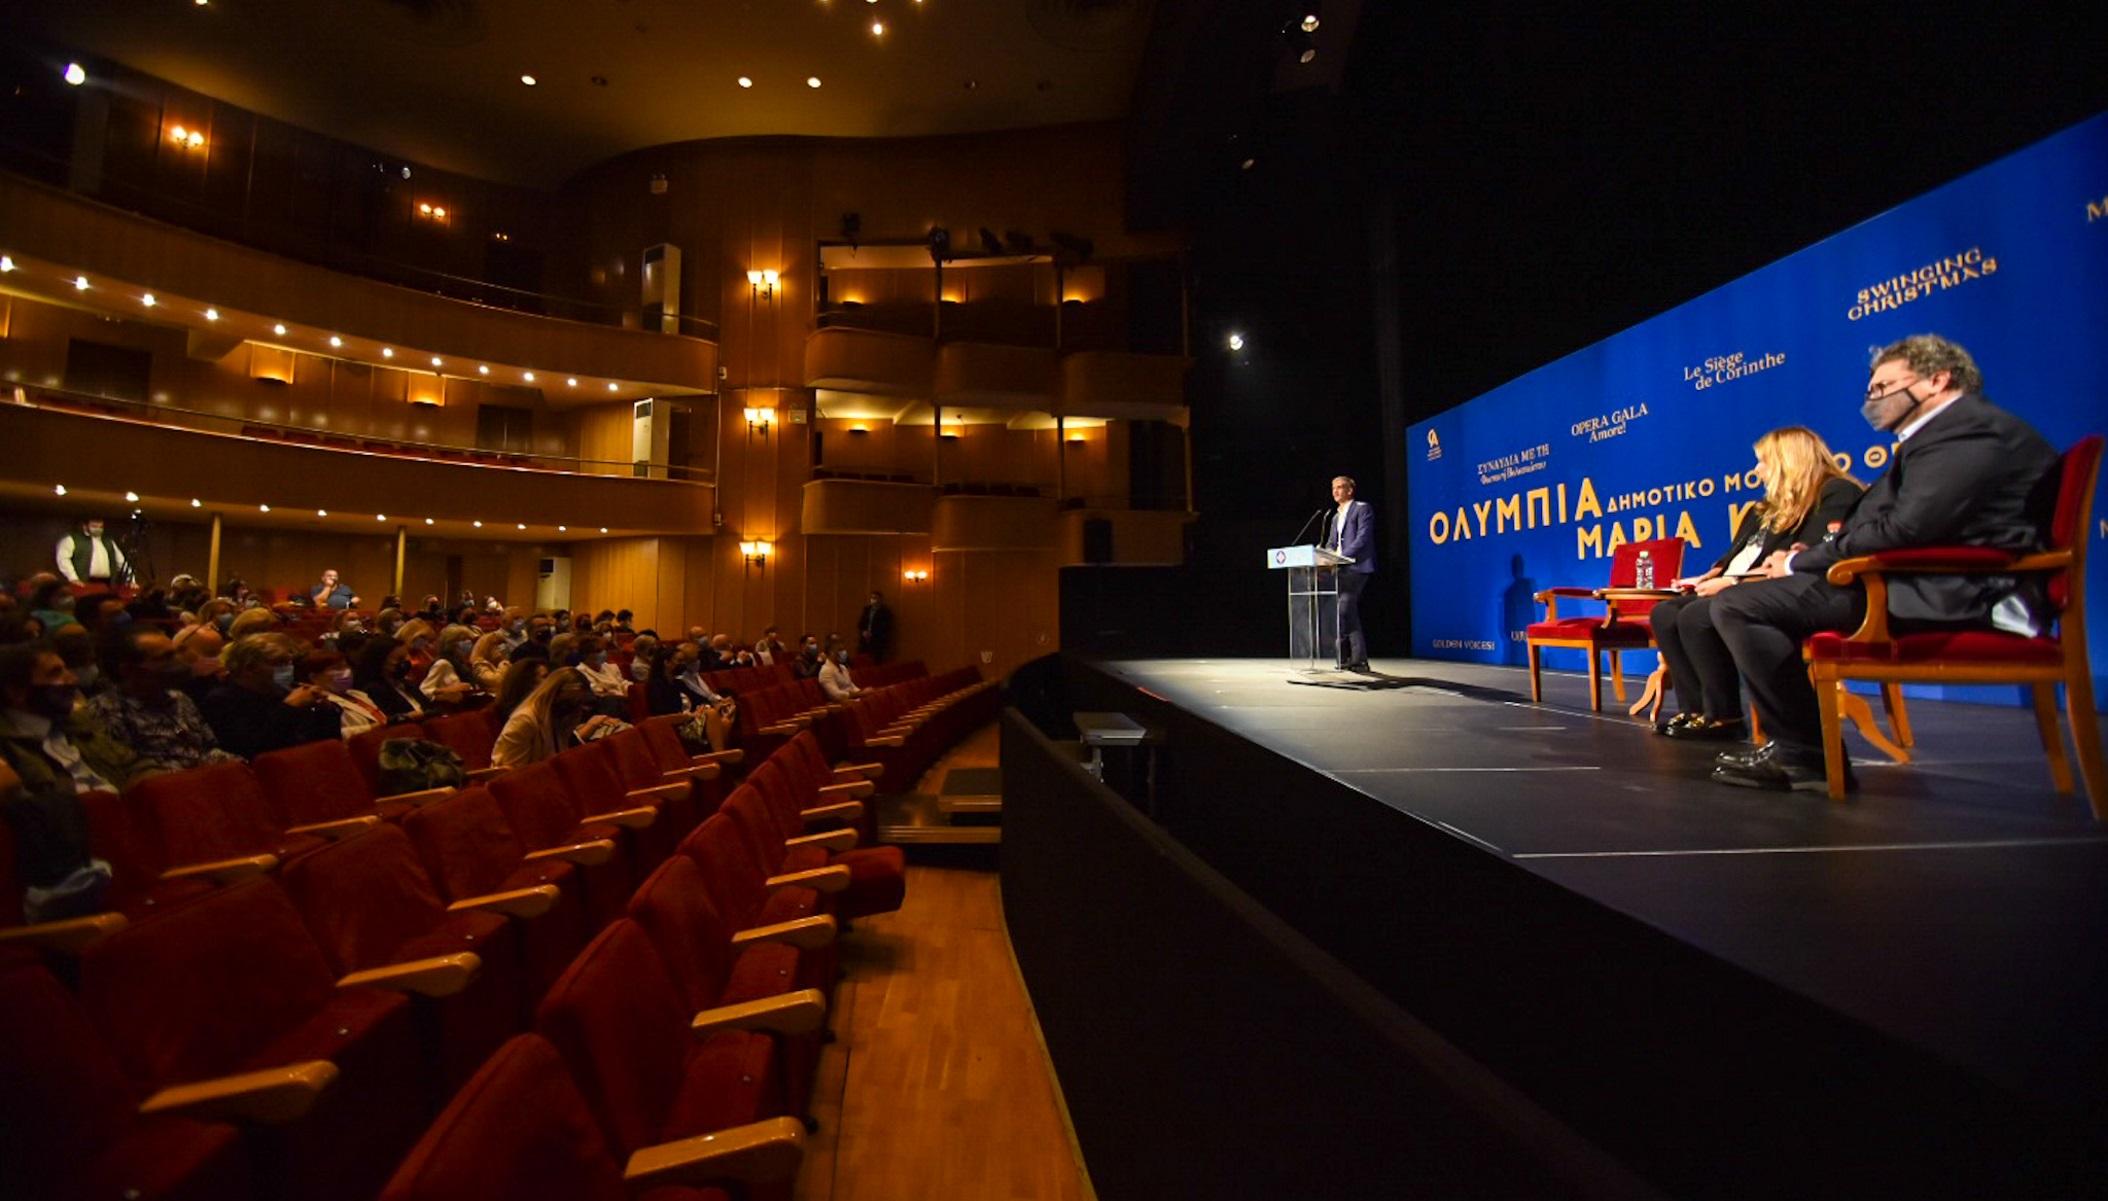 Δημοτικό Θέατρο Ολύμπια – Κώστας Μπακογιάννης: Σηκώνεται ξανά η αυλαία στον ιστορικό χώρο της Αθήνας